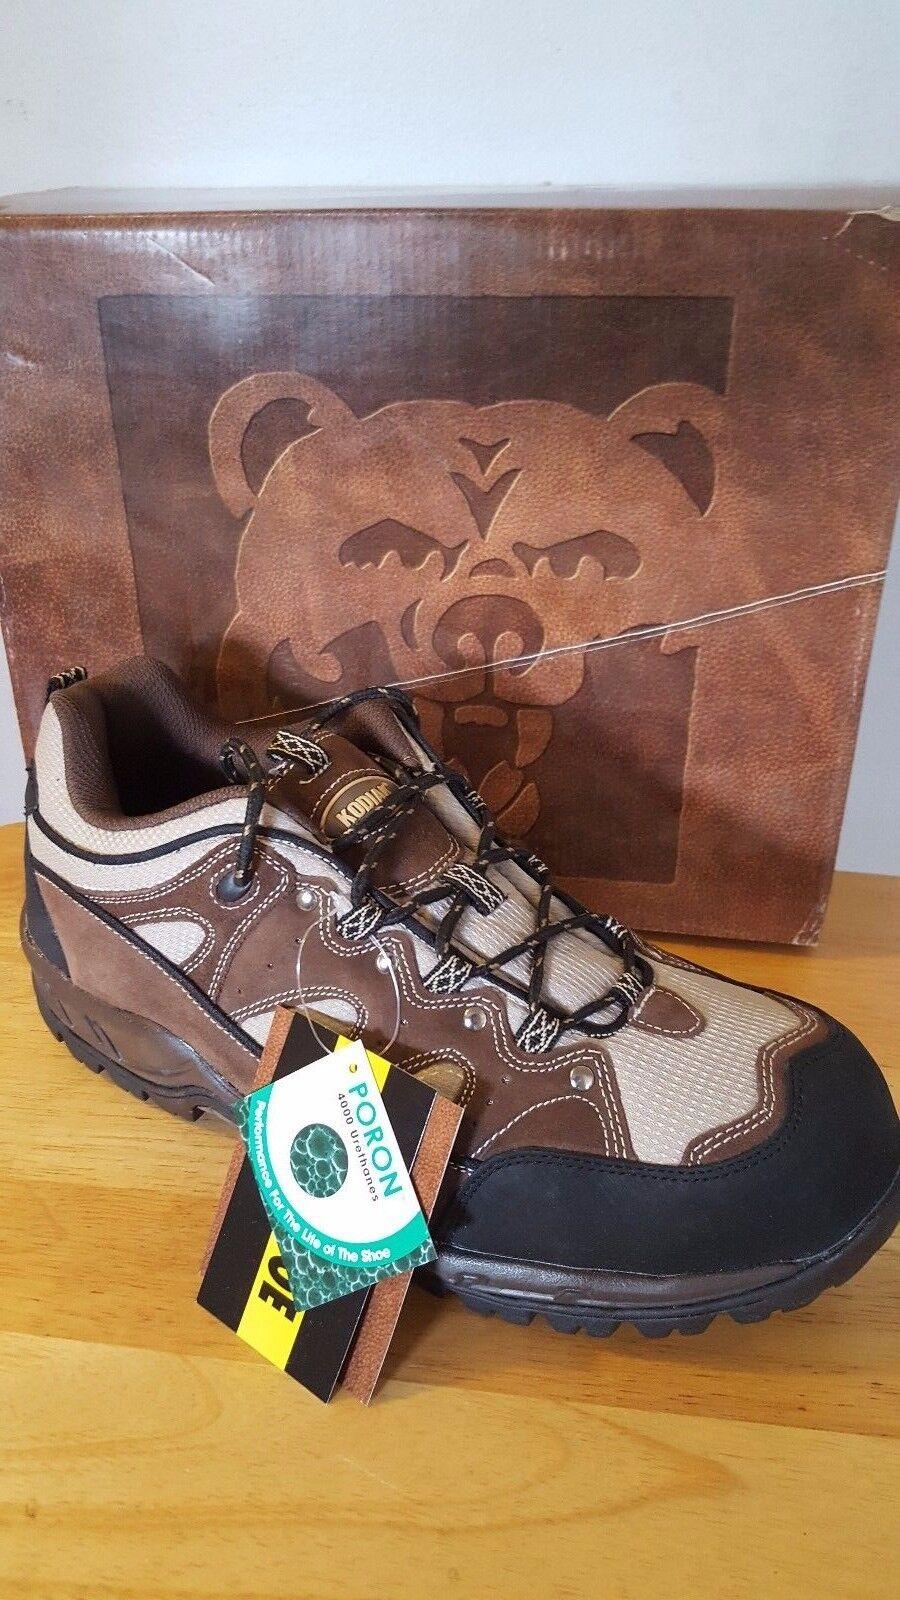 Kodiak Momentum ST Steel Toe Hiker Style Work Shoe 202034 Size 13